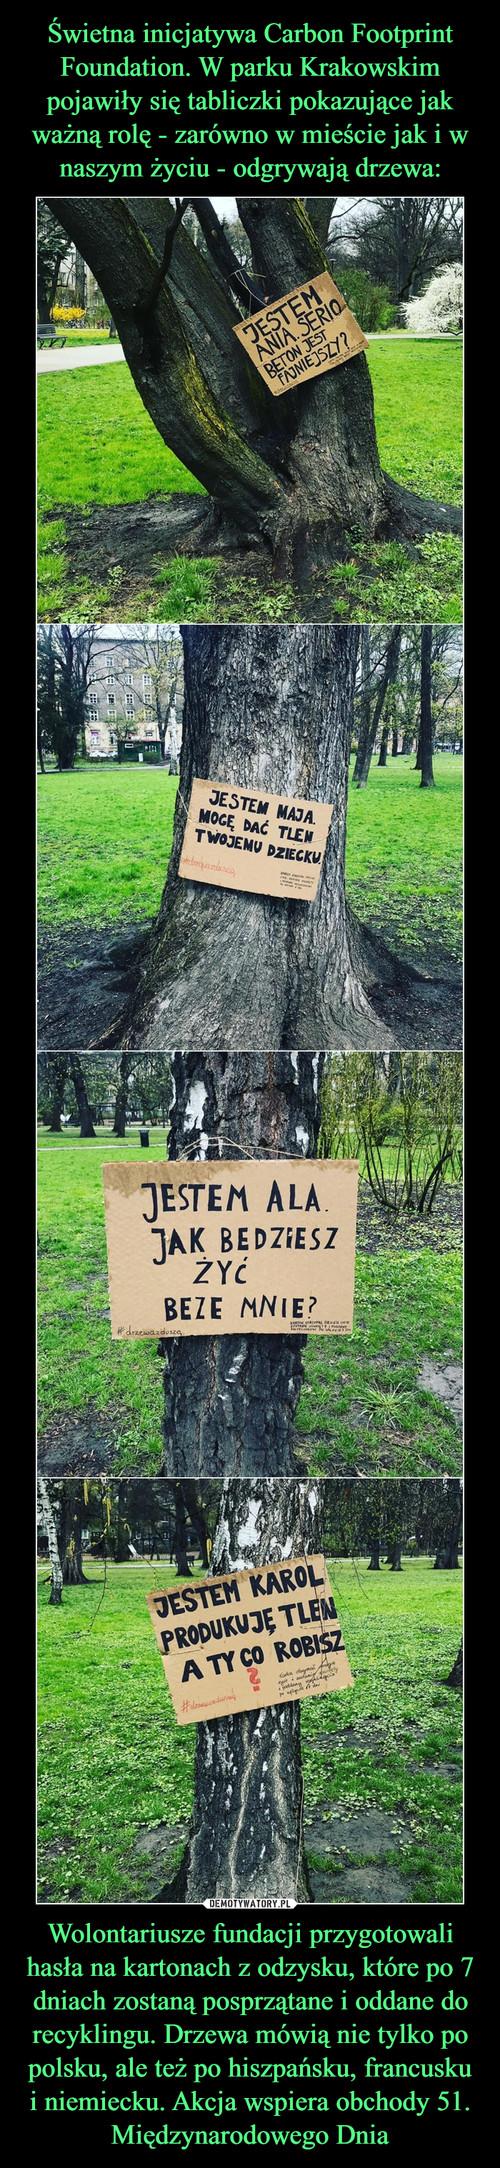 Świetna inicjatywa Carbon Footprint Foundation. W parku Krakowskim pojawiły się tabliczki pokazujące jak ważną rolę - zarówno w mieście jak i w naszym życiu - odgrywają drzewa: Wolontariusze fundacji przygotowali hasła na kartonach z odzysku, które po 7 dniach zostaną posprzątane i oddane do recyklingu. Drzewa mówią nie tylko po polsku, ale też po hiszpańsku, francusku i niemiecku. Akcja wspiera obchody 51. Międzynarodowego Dnia